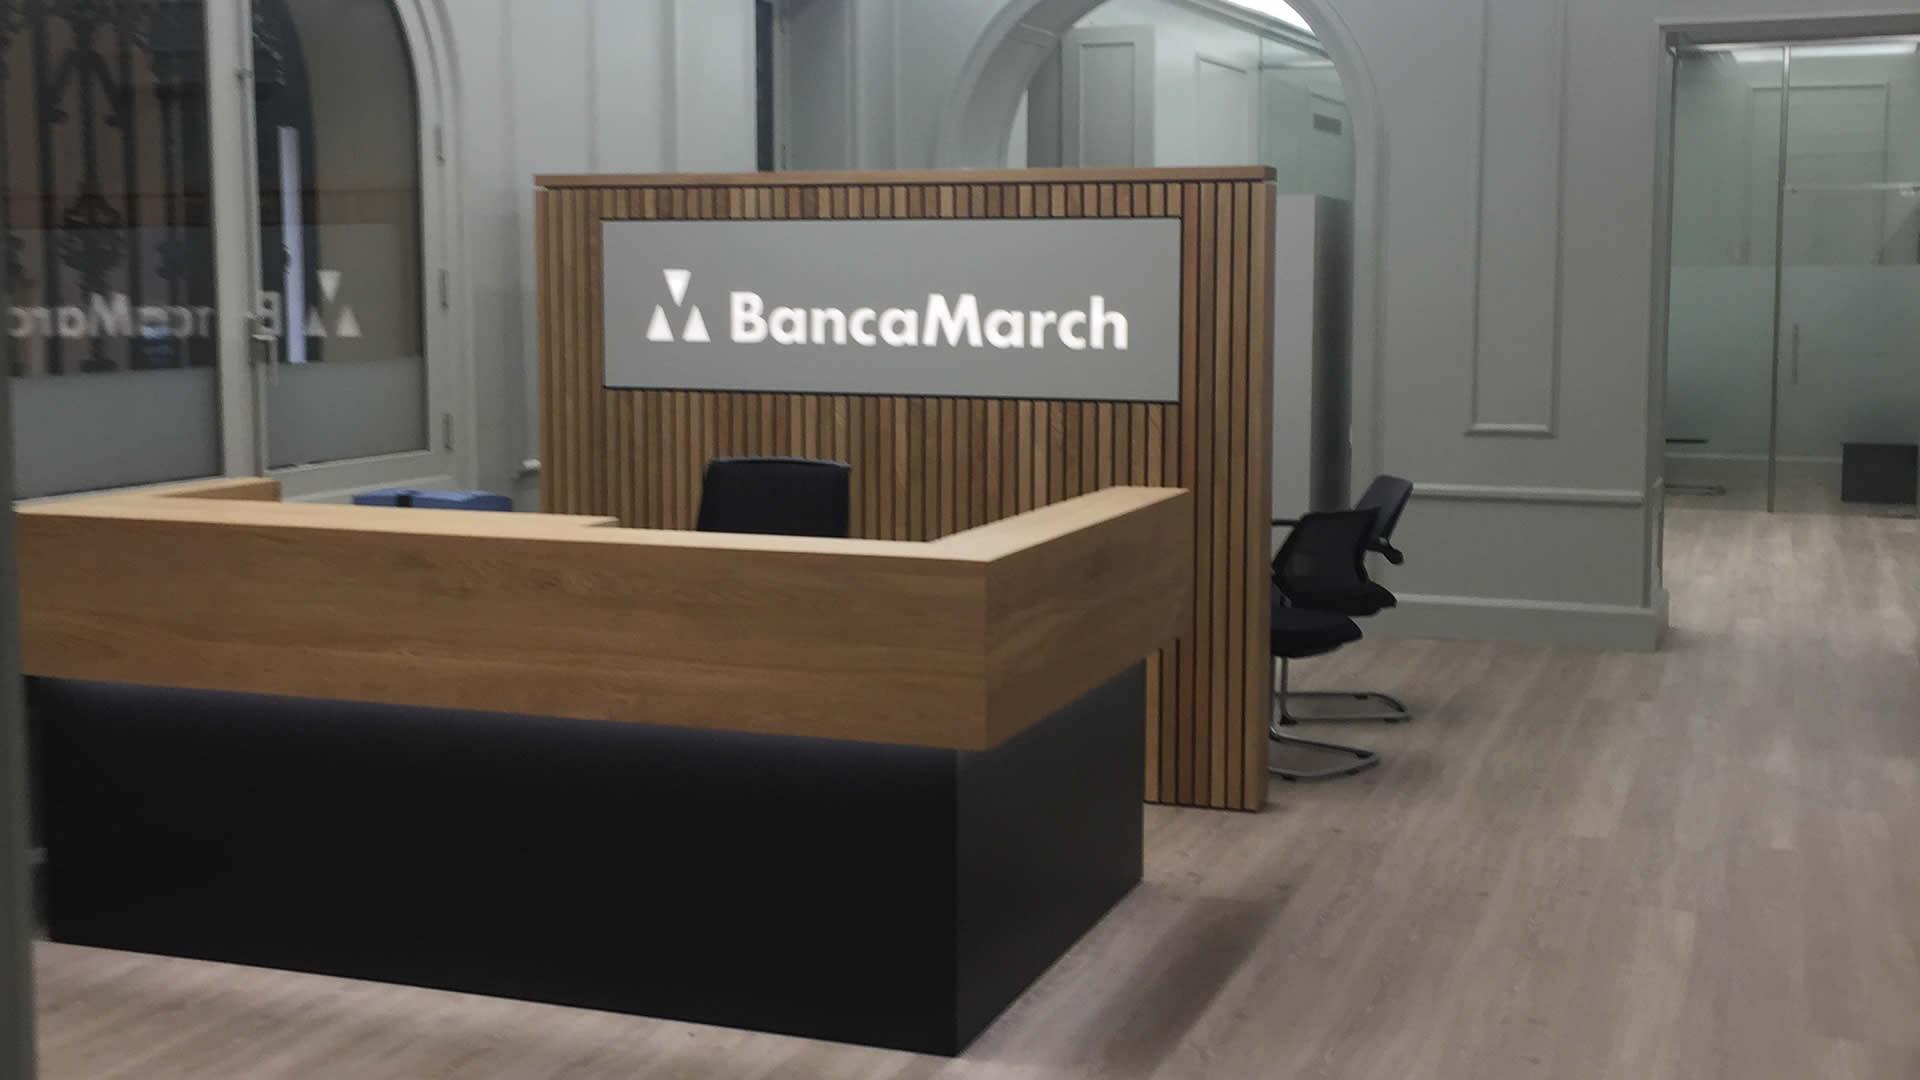 Banca march calle san miguel movigrup obras y servicios for Oficinas banca march palma